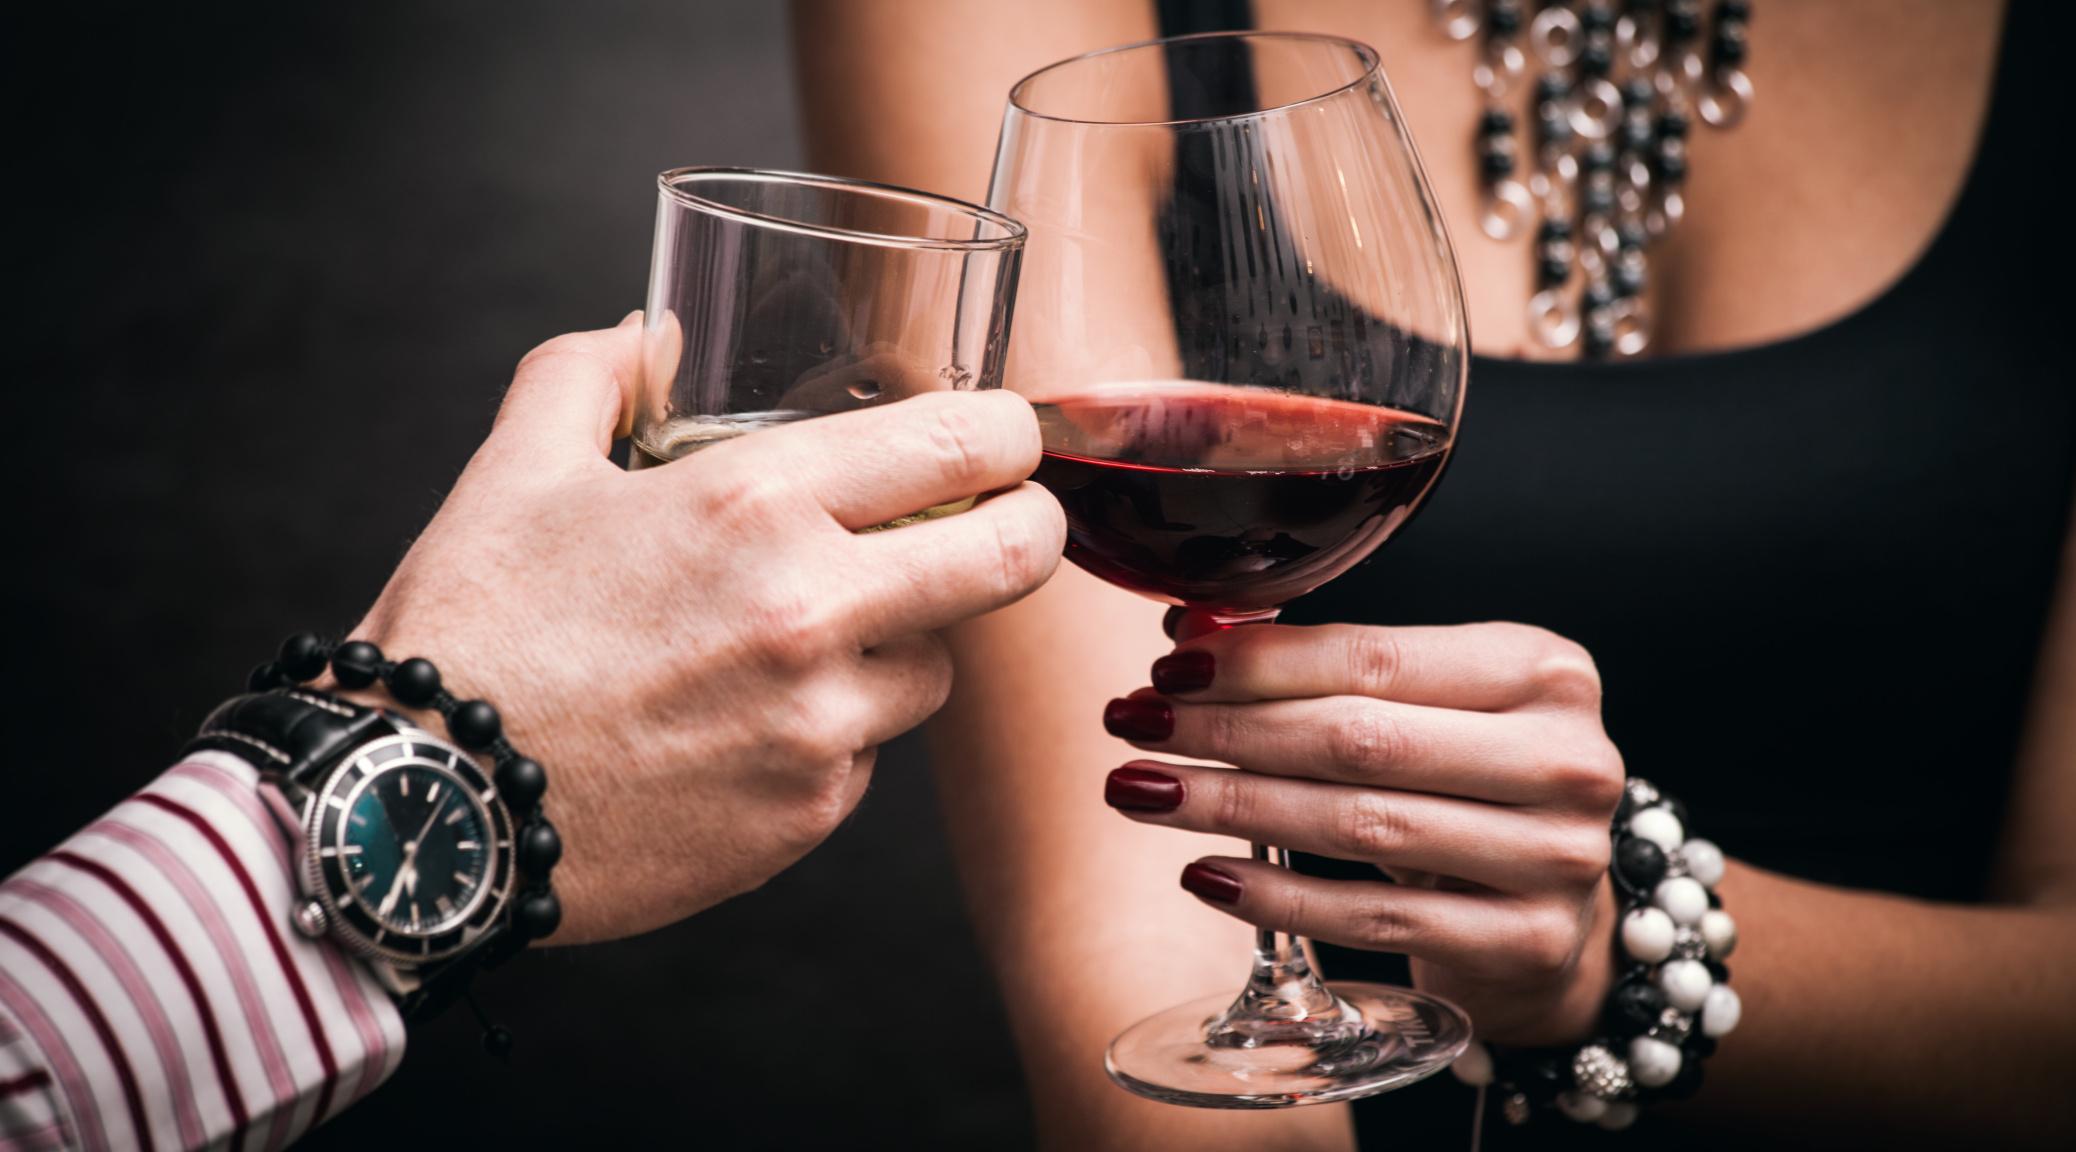 Бокал с вином в руке девушки